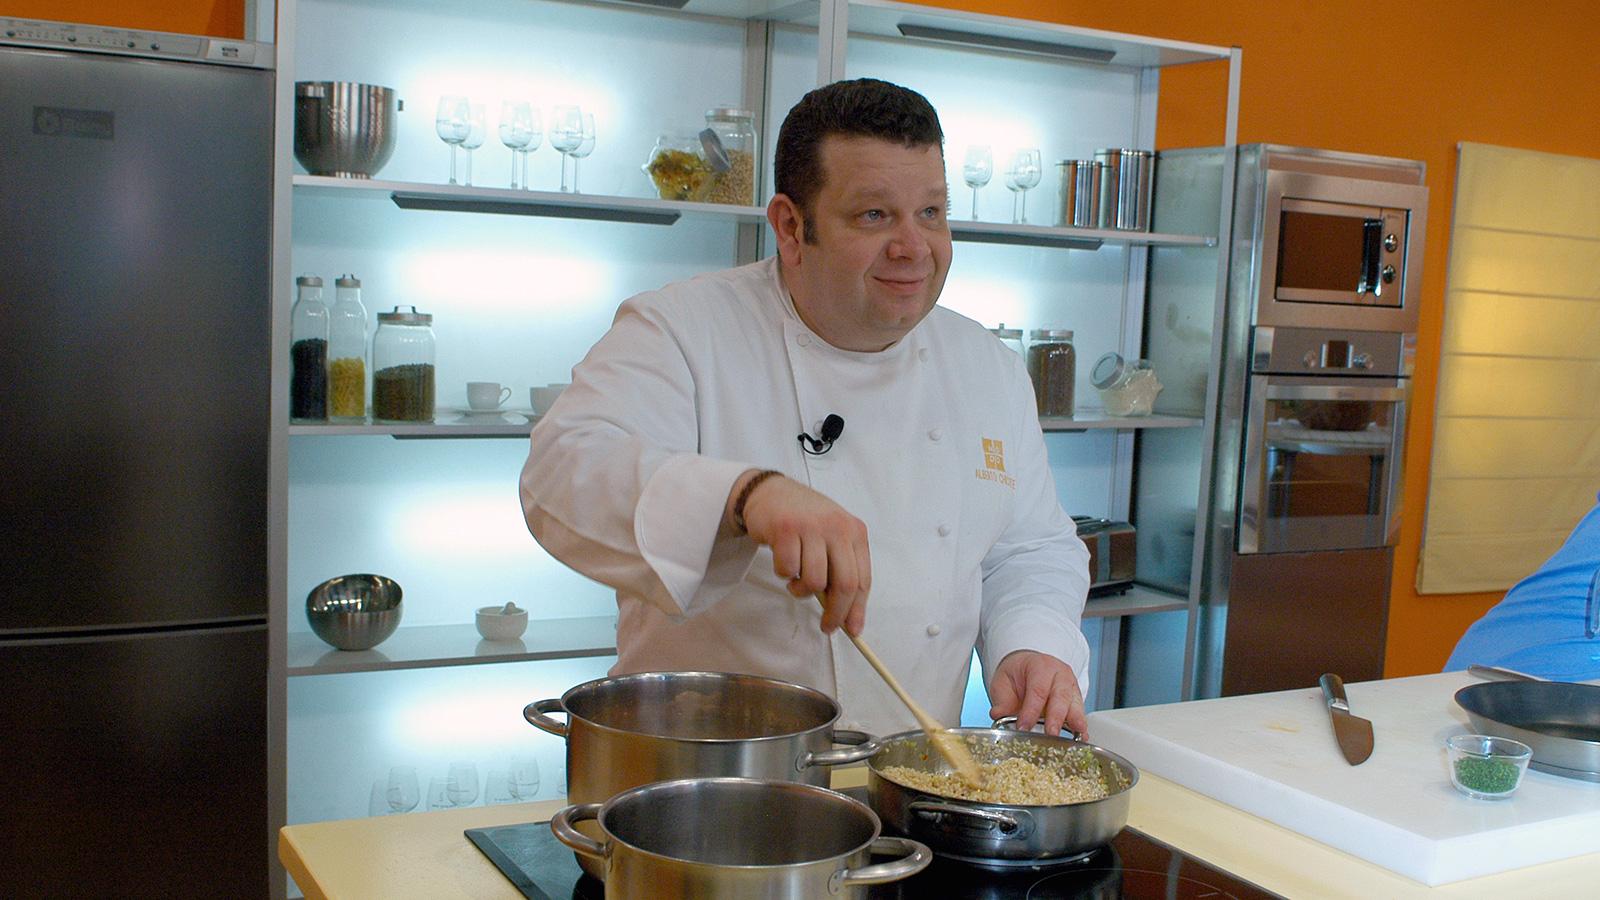 Alberto chicote cocineros canal cocina for Cocineros de canal cocina